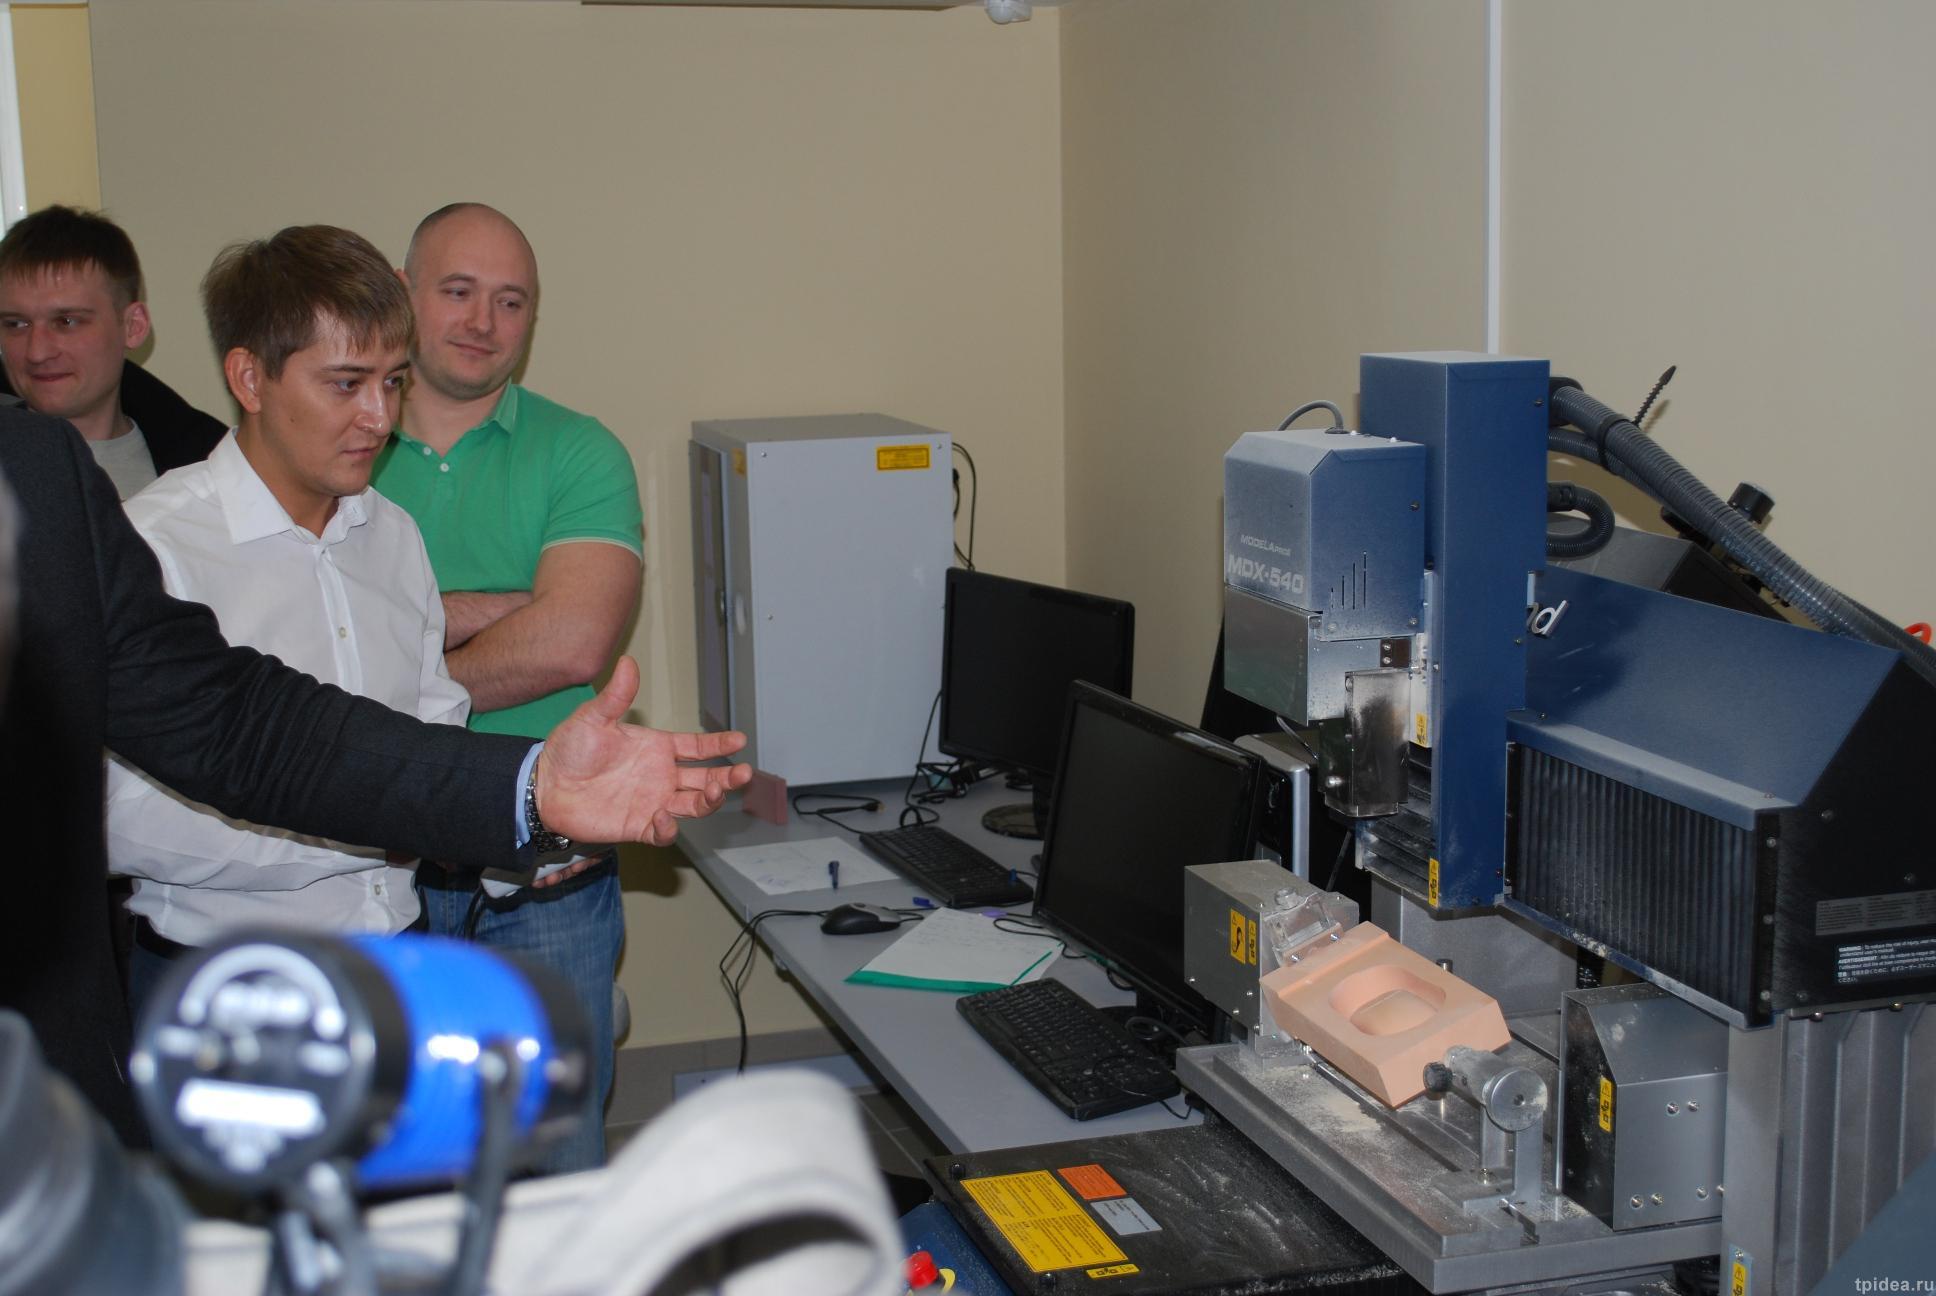 X международная конференция нанотехнологии в промышленности и i специализированная выставкананотехнологии